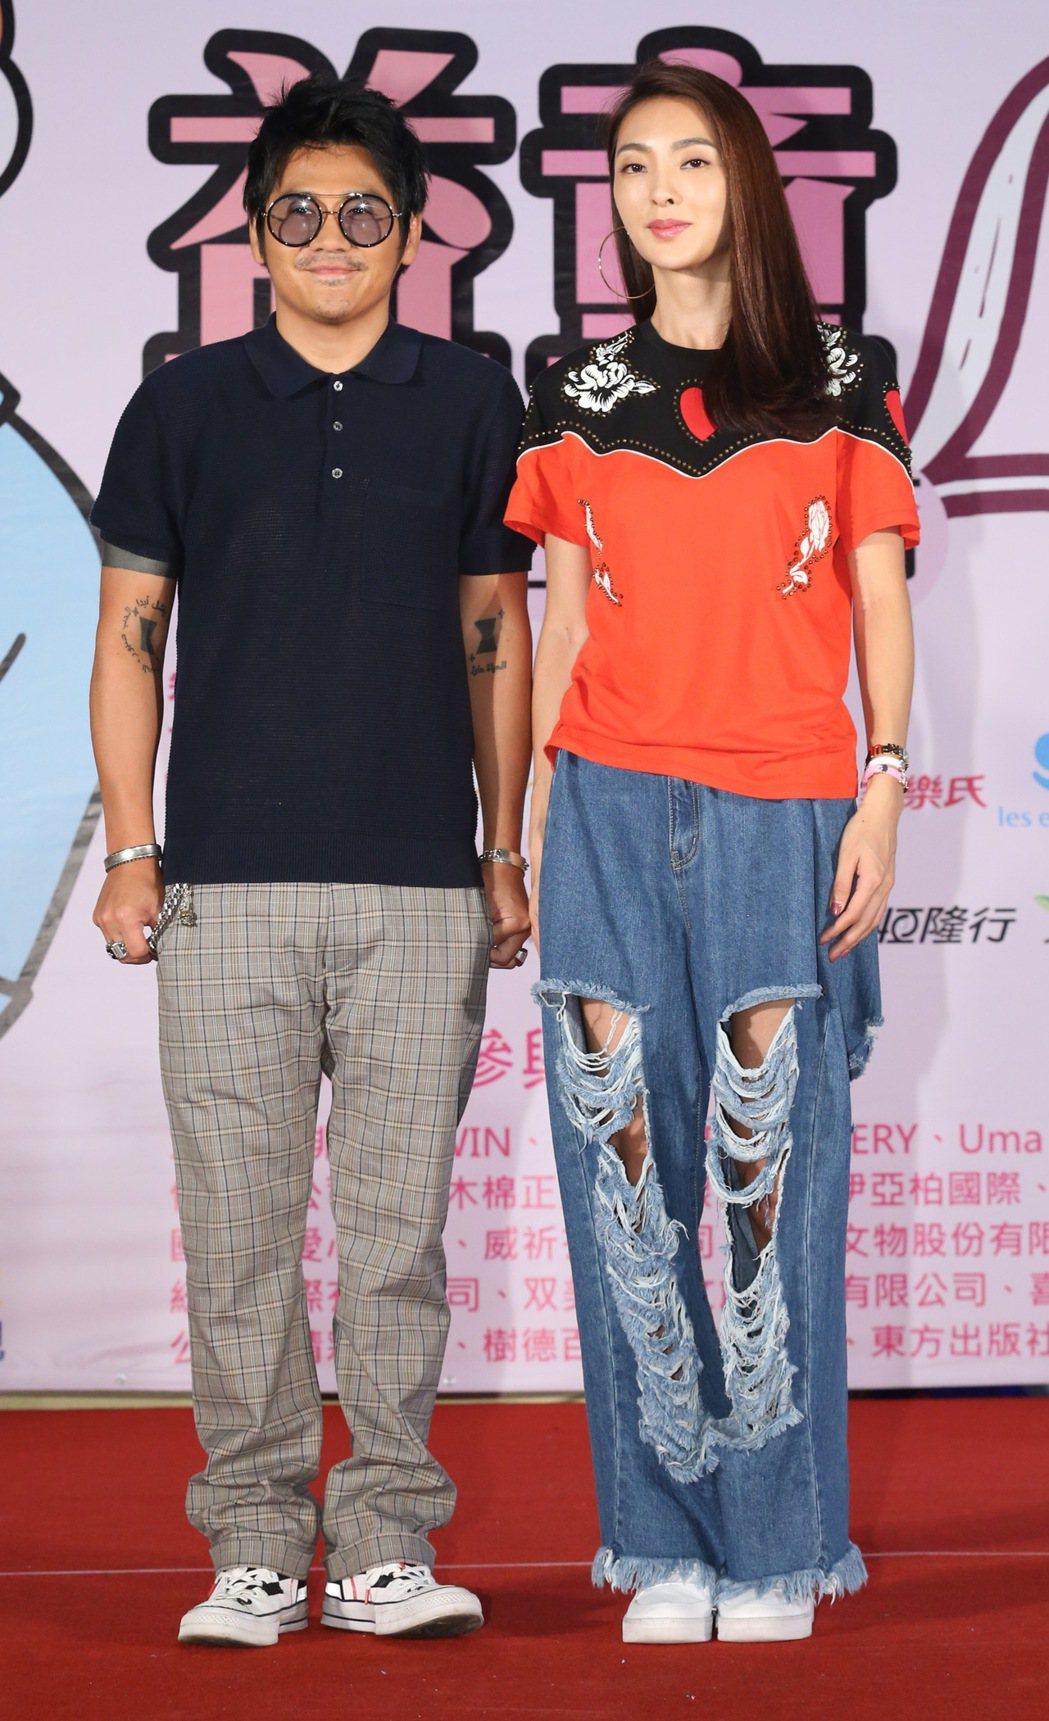 曹格(左)、吳速玲(右)日前一起出席公益活動。 圖/聯合報系資料照